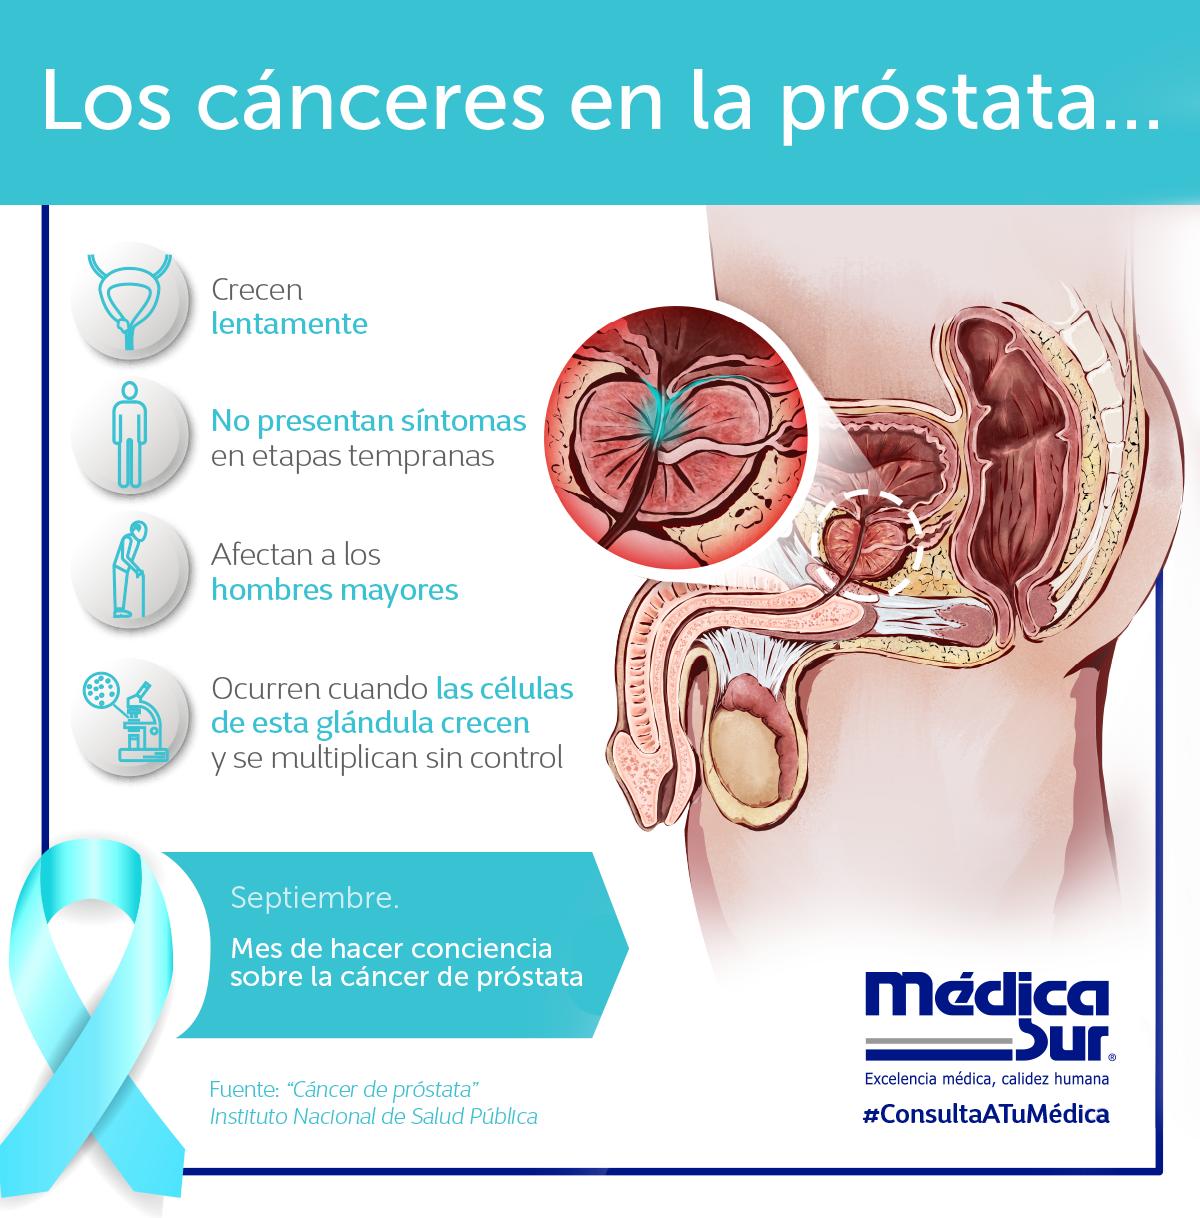 que produce cancer en la prostata